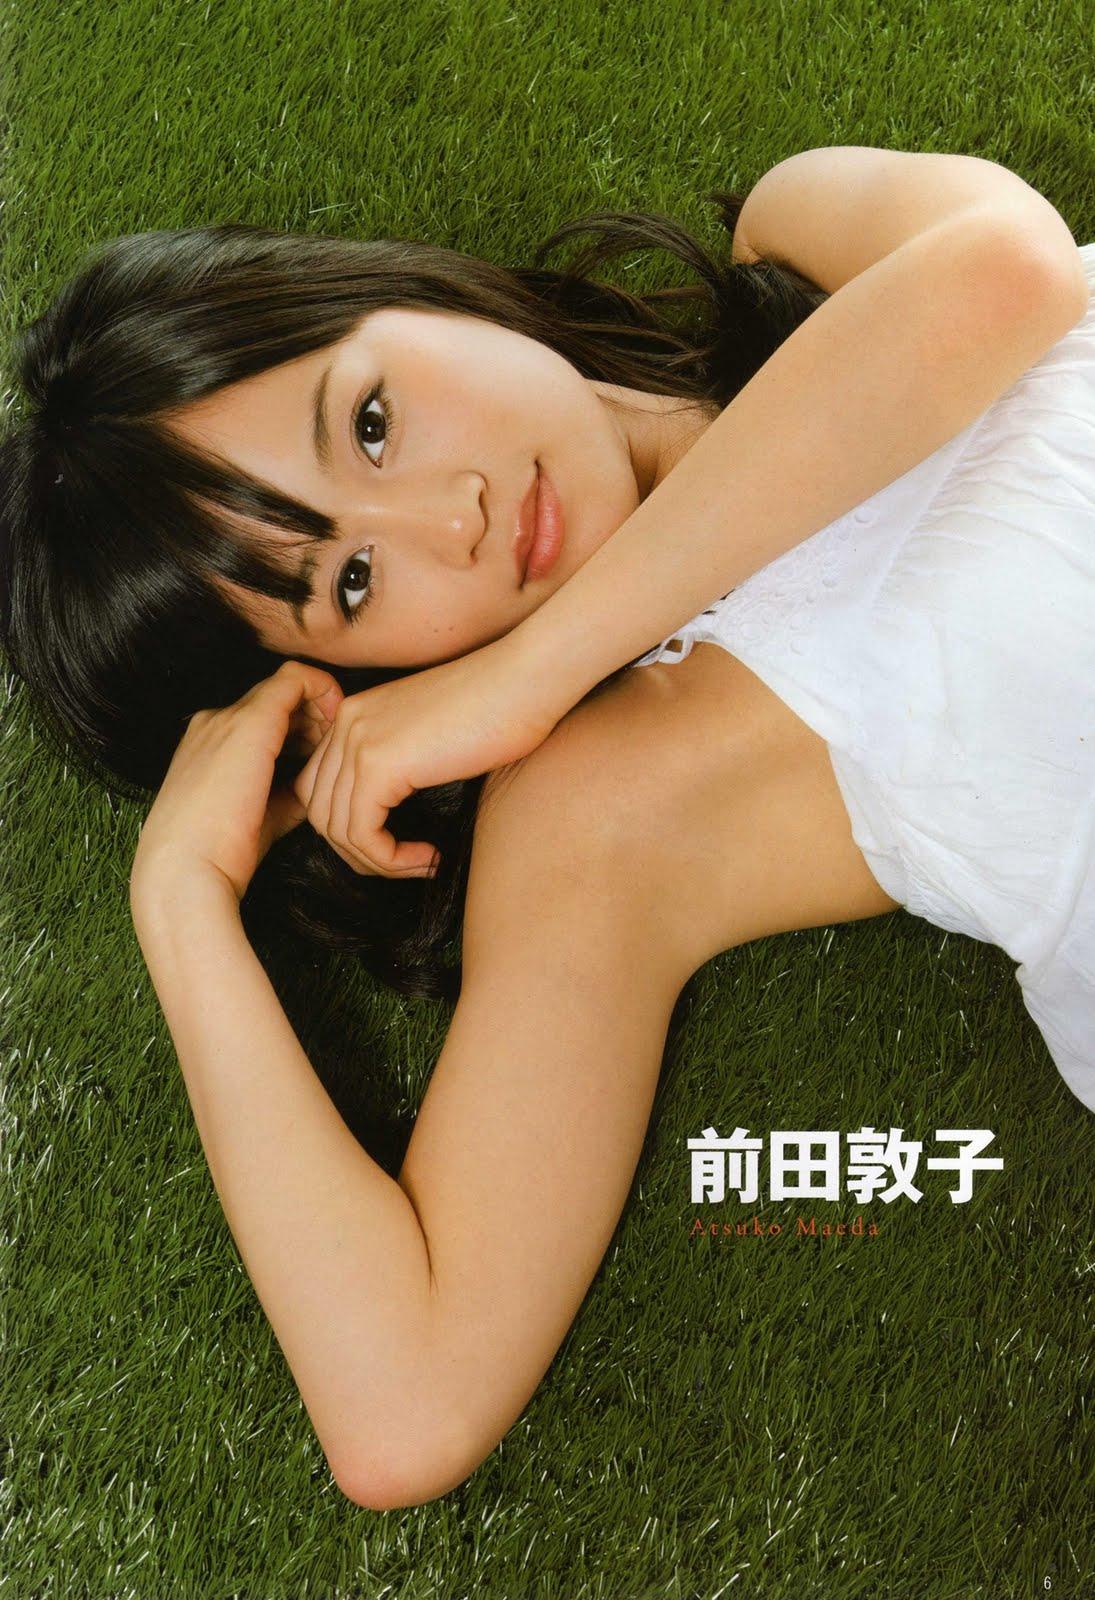 http://4.bp.blogspot.com/_KZkjiSFK-Ho/TAWnX6N54lI/AAAAAAAABAA/zy9X5RvXzHw/s1600/GTV16020.jpg